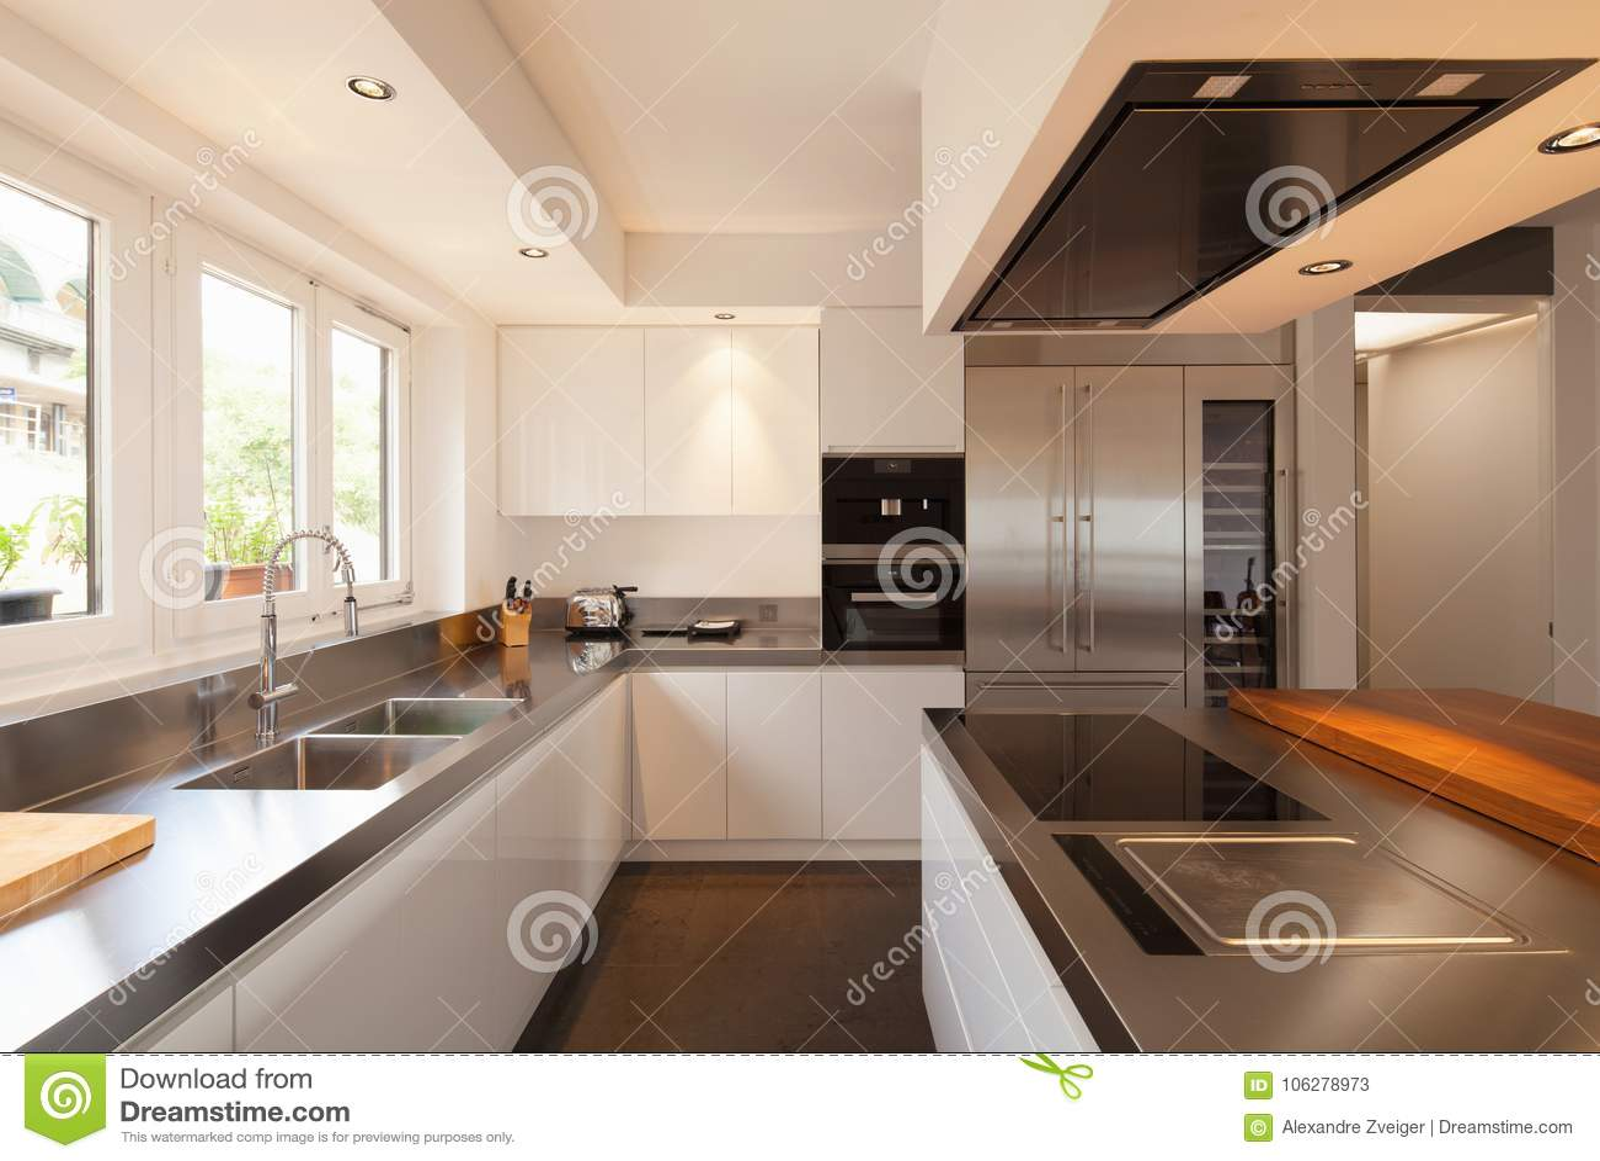 Cuisine Moderne De Plan Rapproche Dans L Appartement De Luxe Image